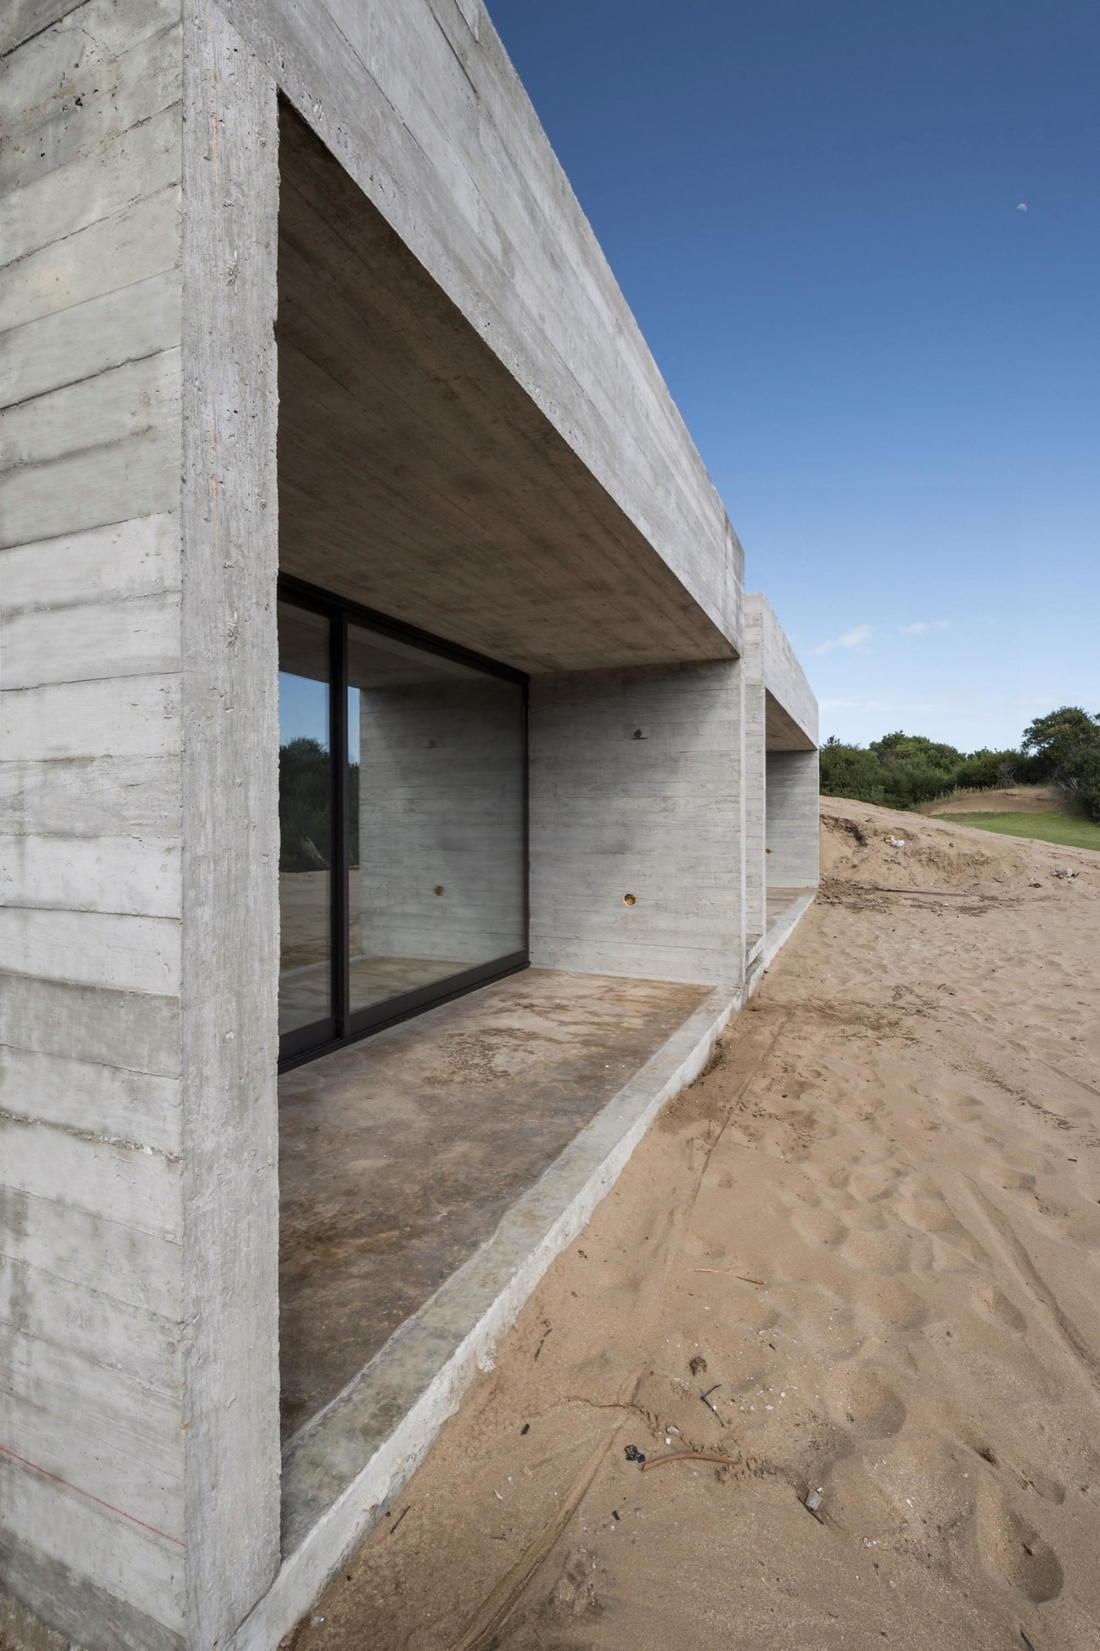 Дом в дюнах Аргентины от ателье Luciano Kruk 7